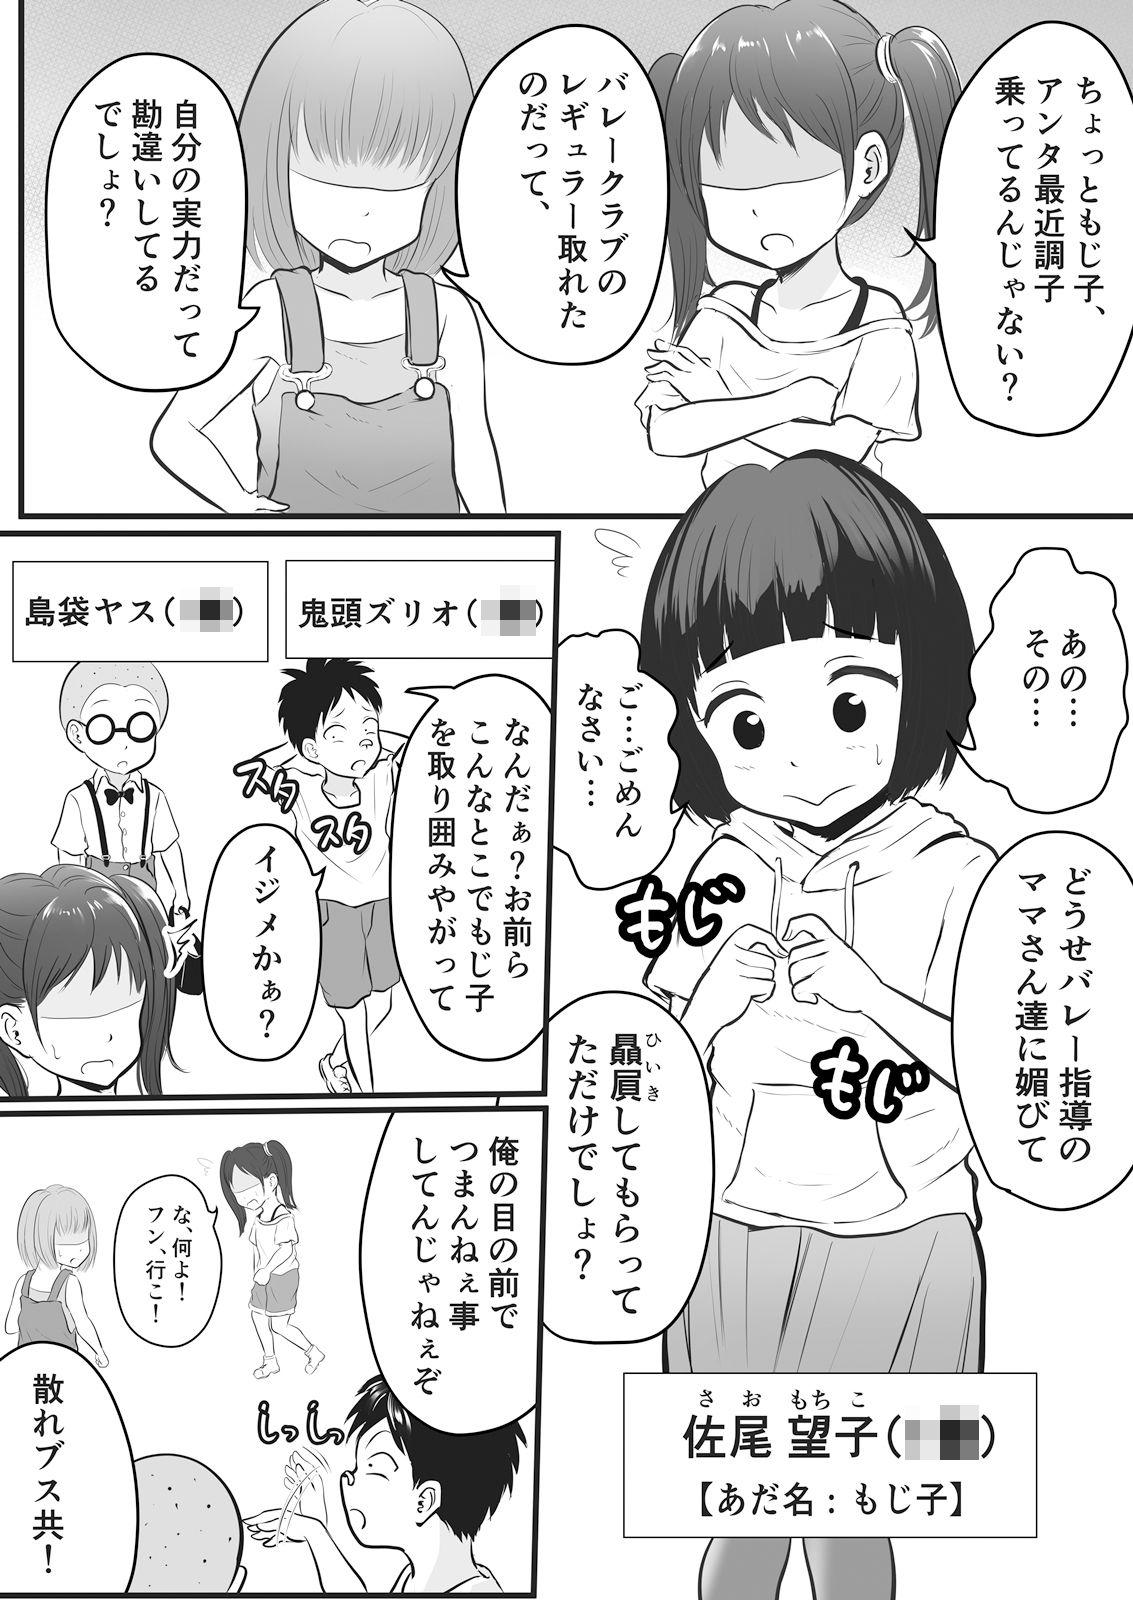 https://www.dmm.co.jp/dc/doujin/-/detail/=/cid=d_199580/